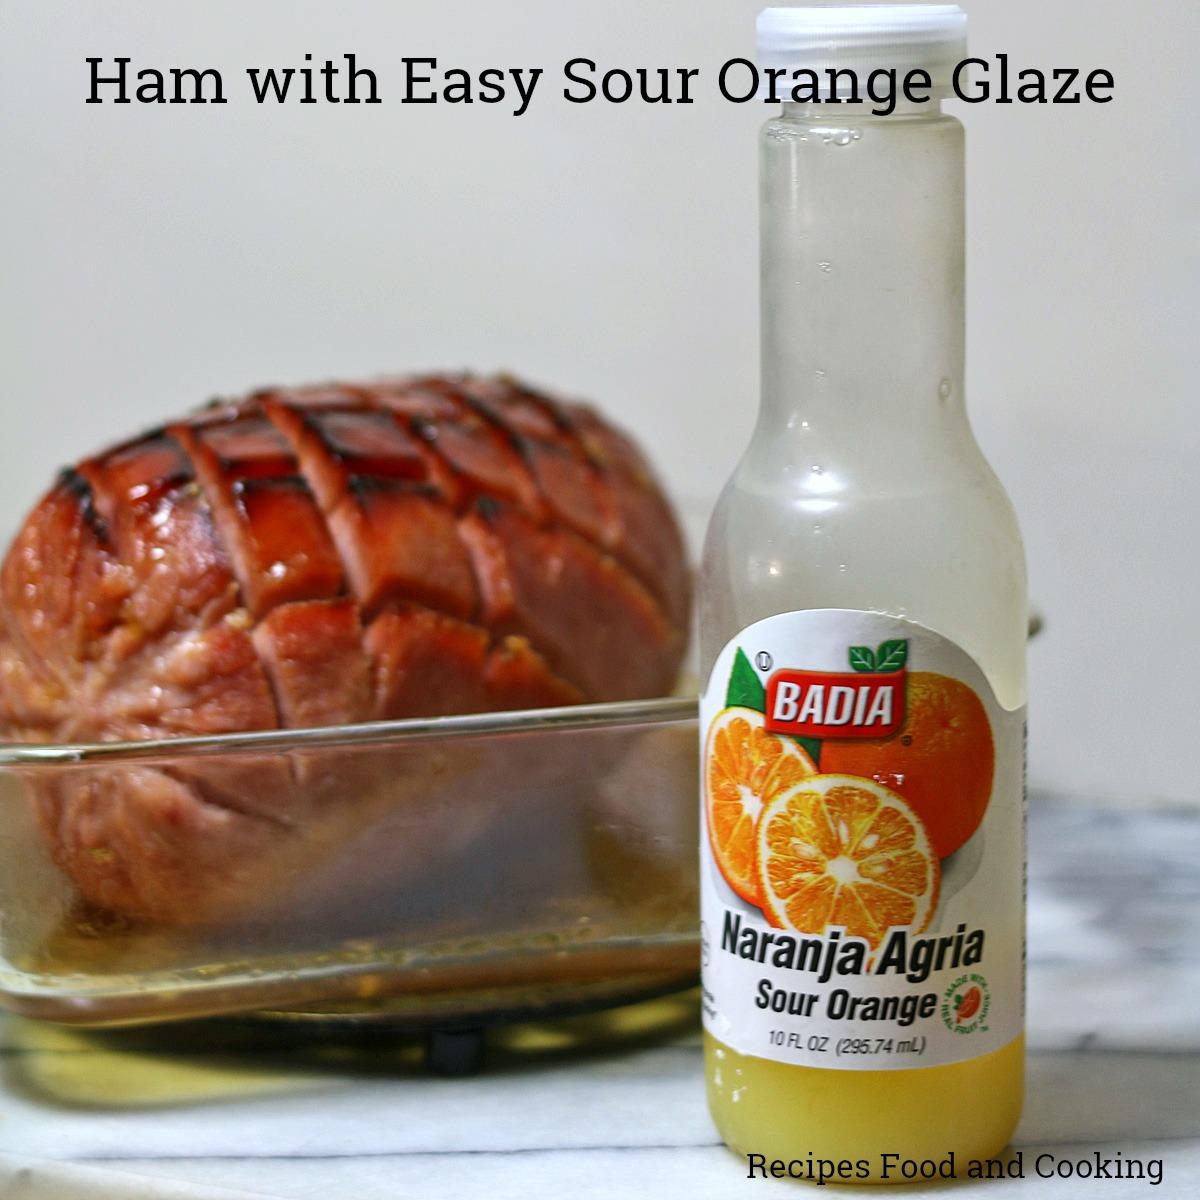 Ham with Easy Sour Orange Glaze